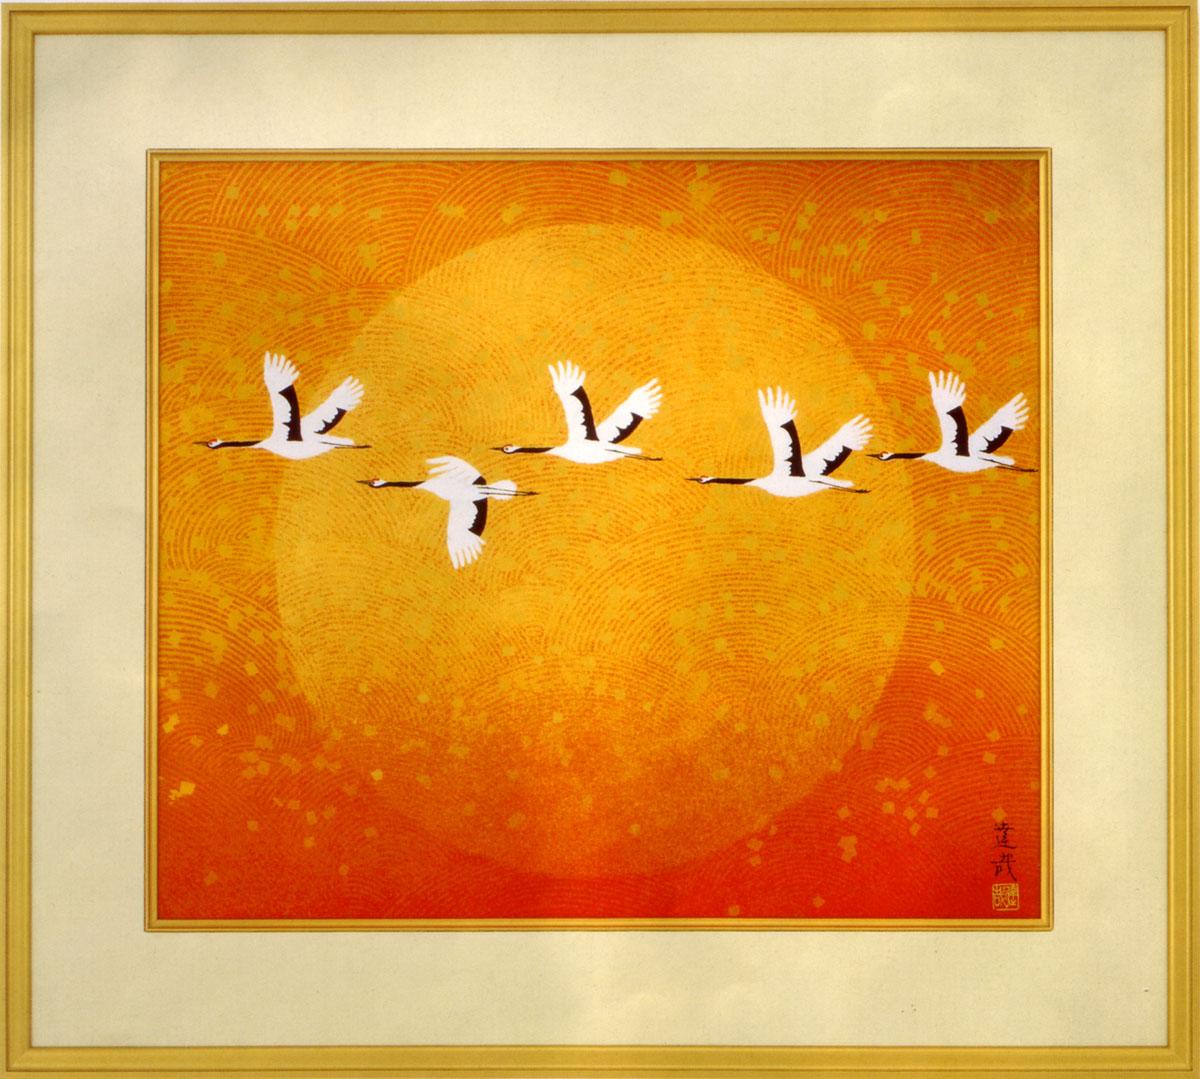 石踊達哉 絵画 翔 送料無料 【複製】【美術印刷】【巨匠】【変型特寸】